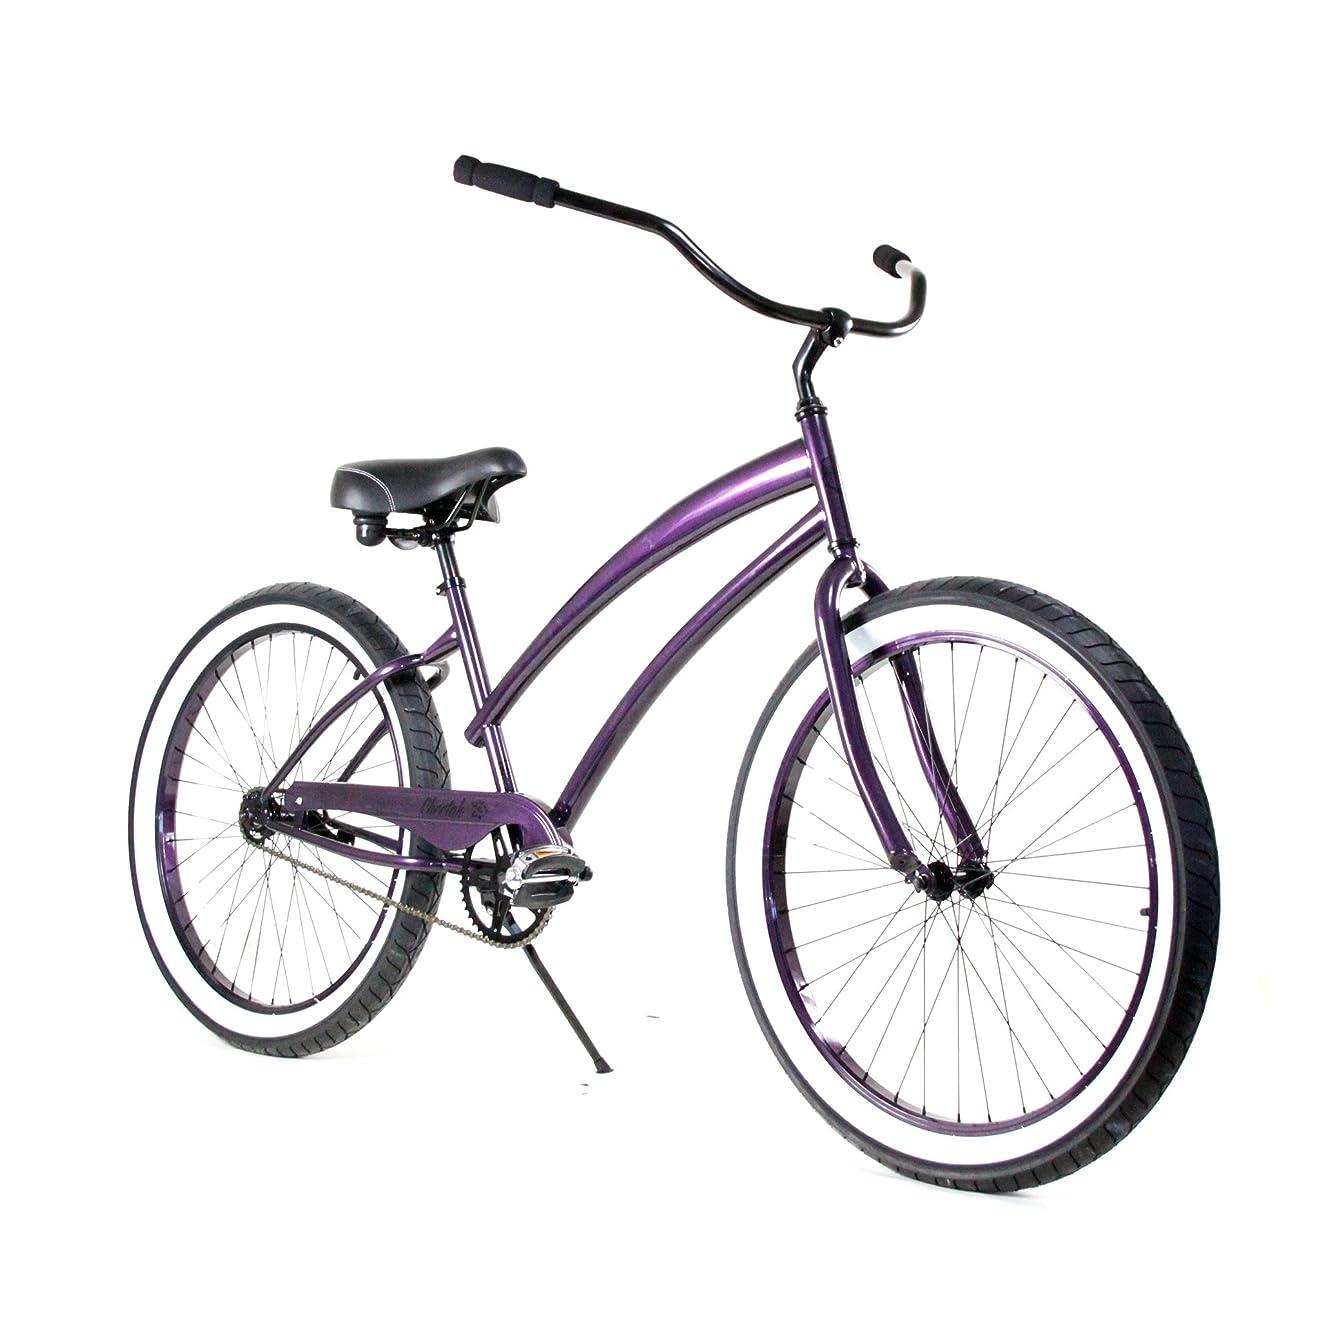 国競うくちばしZycle Fix 26?cmバイクチーターモデルレディース自転車?–?パープル